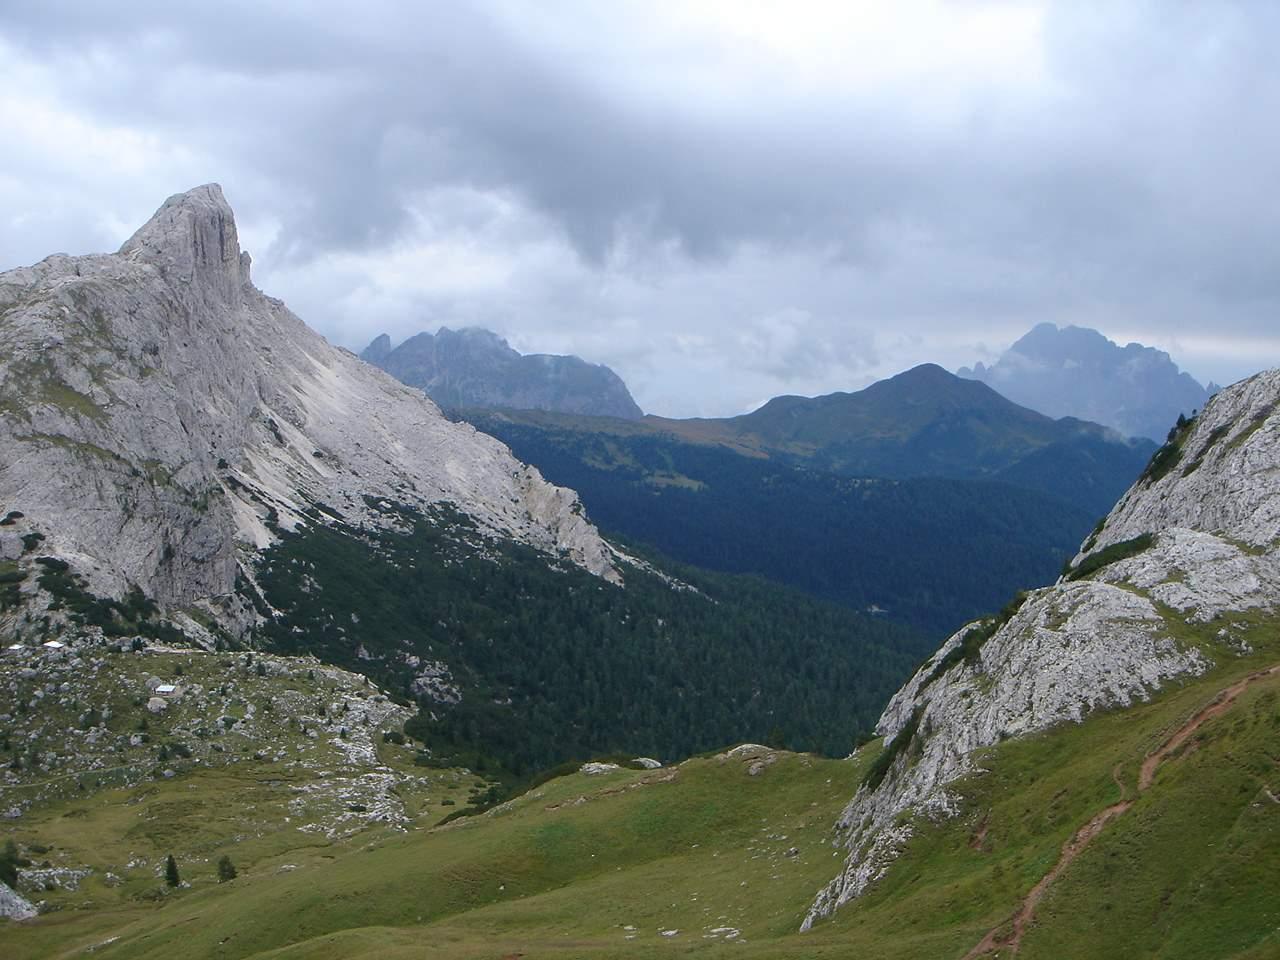 Foto: Manfred Karl / Wandertour / Settsass (2571m) / Vom Piz Ciampai schaut man zum Hexenstein, Monte Cernera und Monte Pore. / 05.05.2007 18:49:56